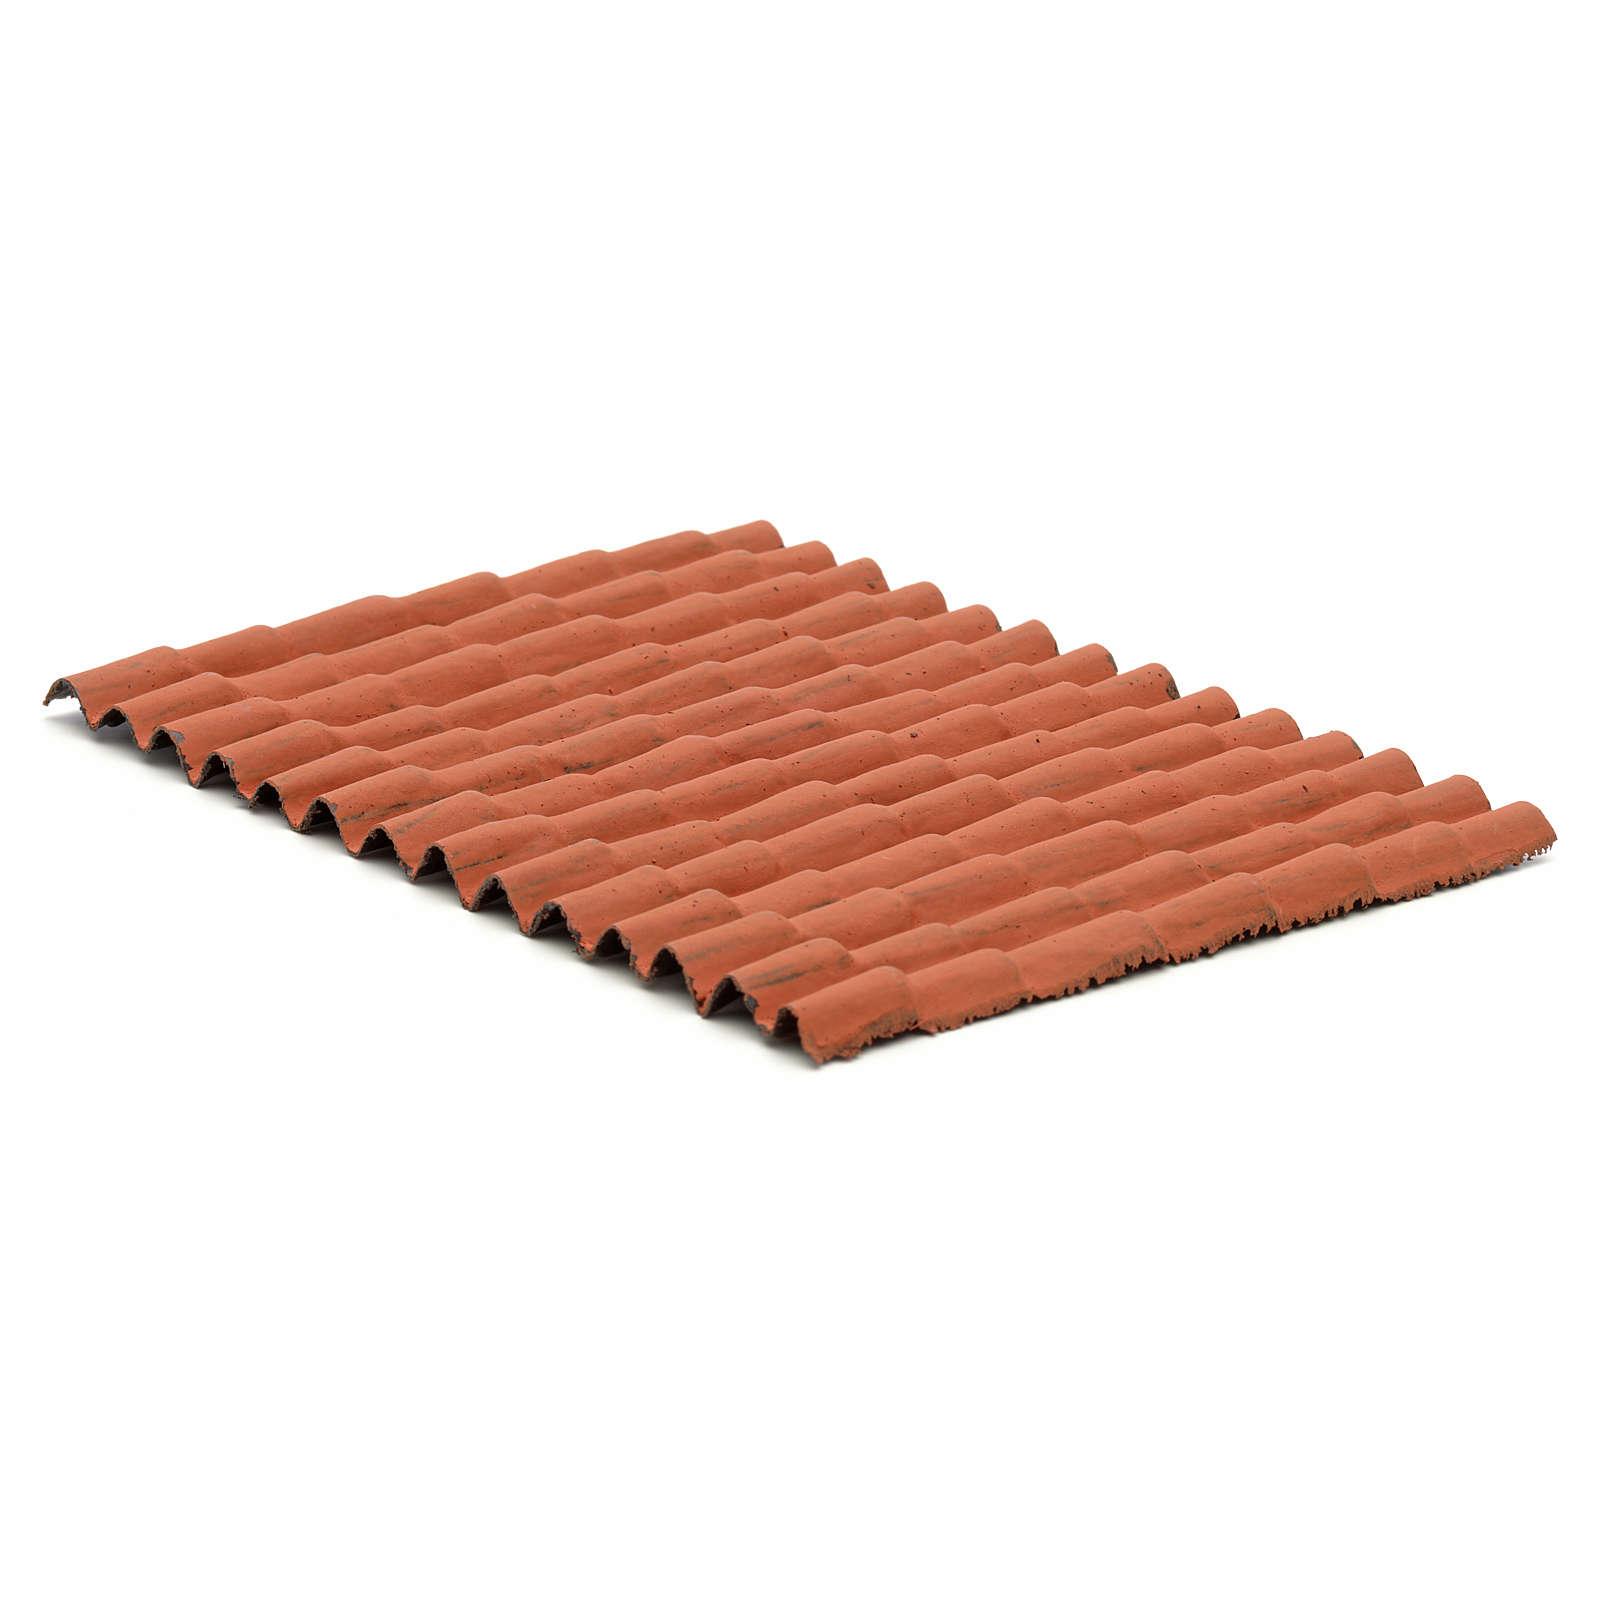 Techo casa pesebre: panel tejas rojas 12,5x9cm 4